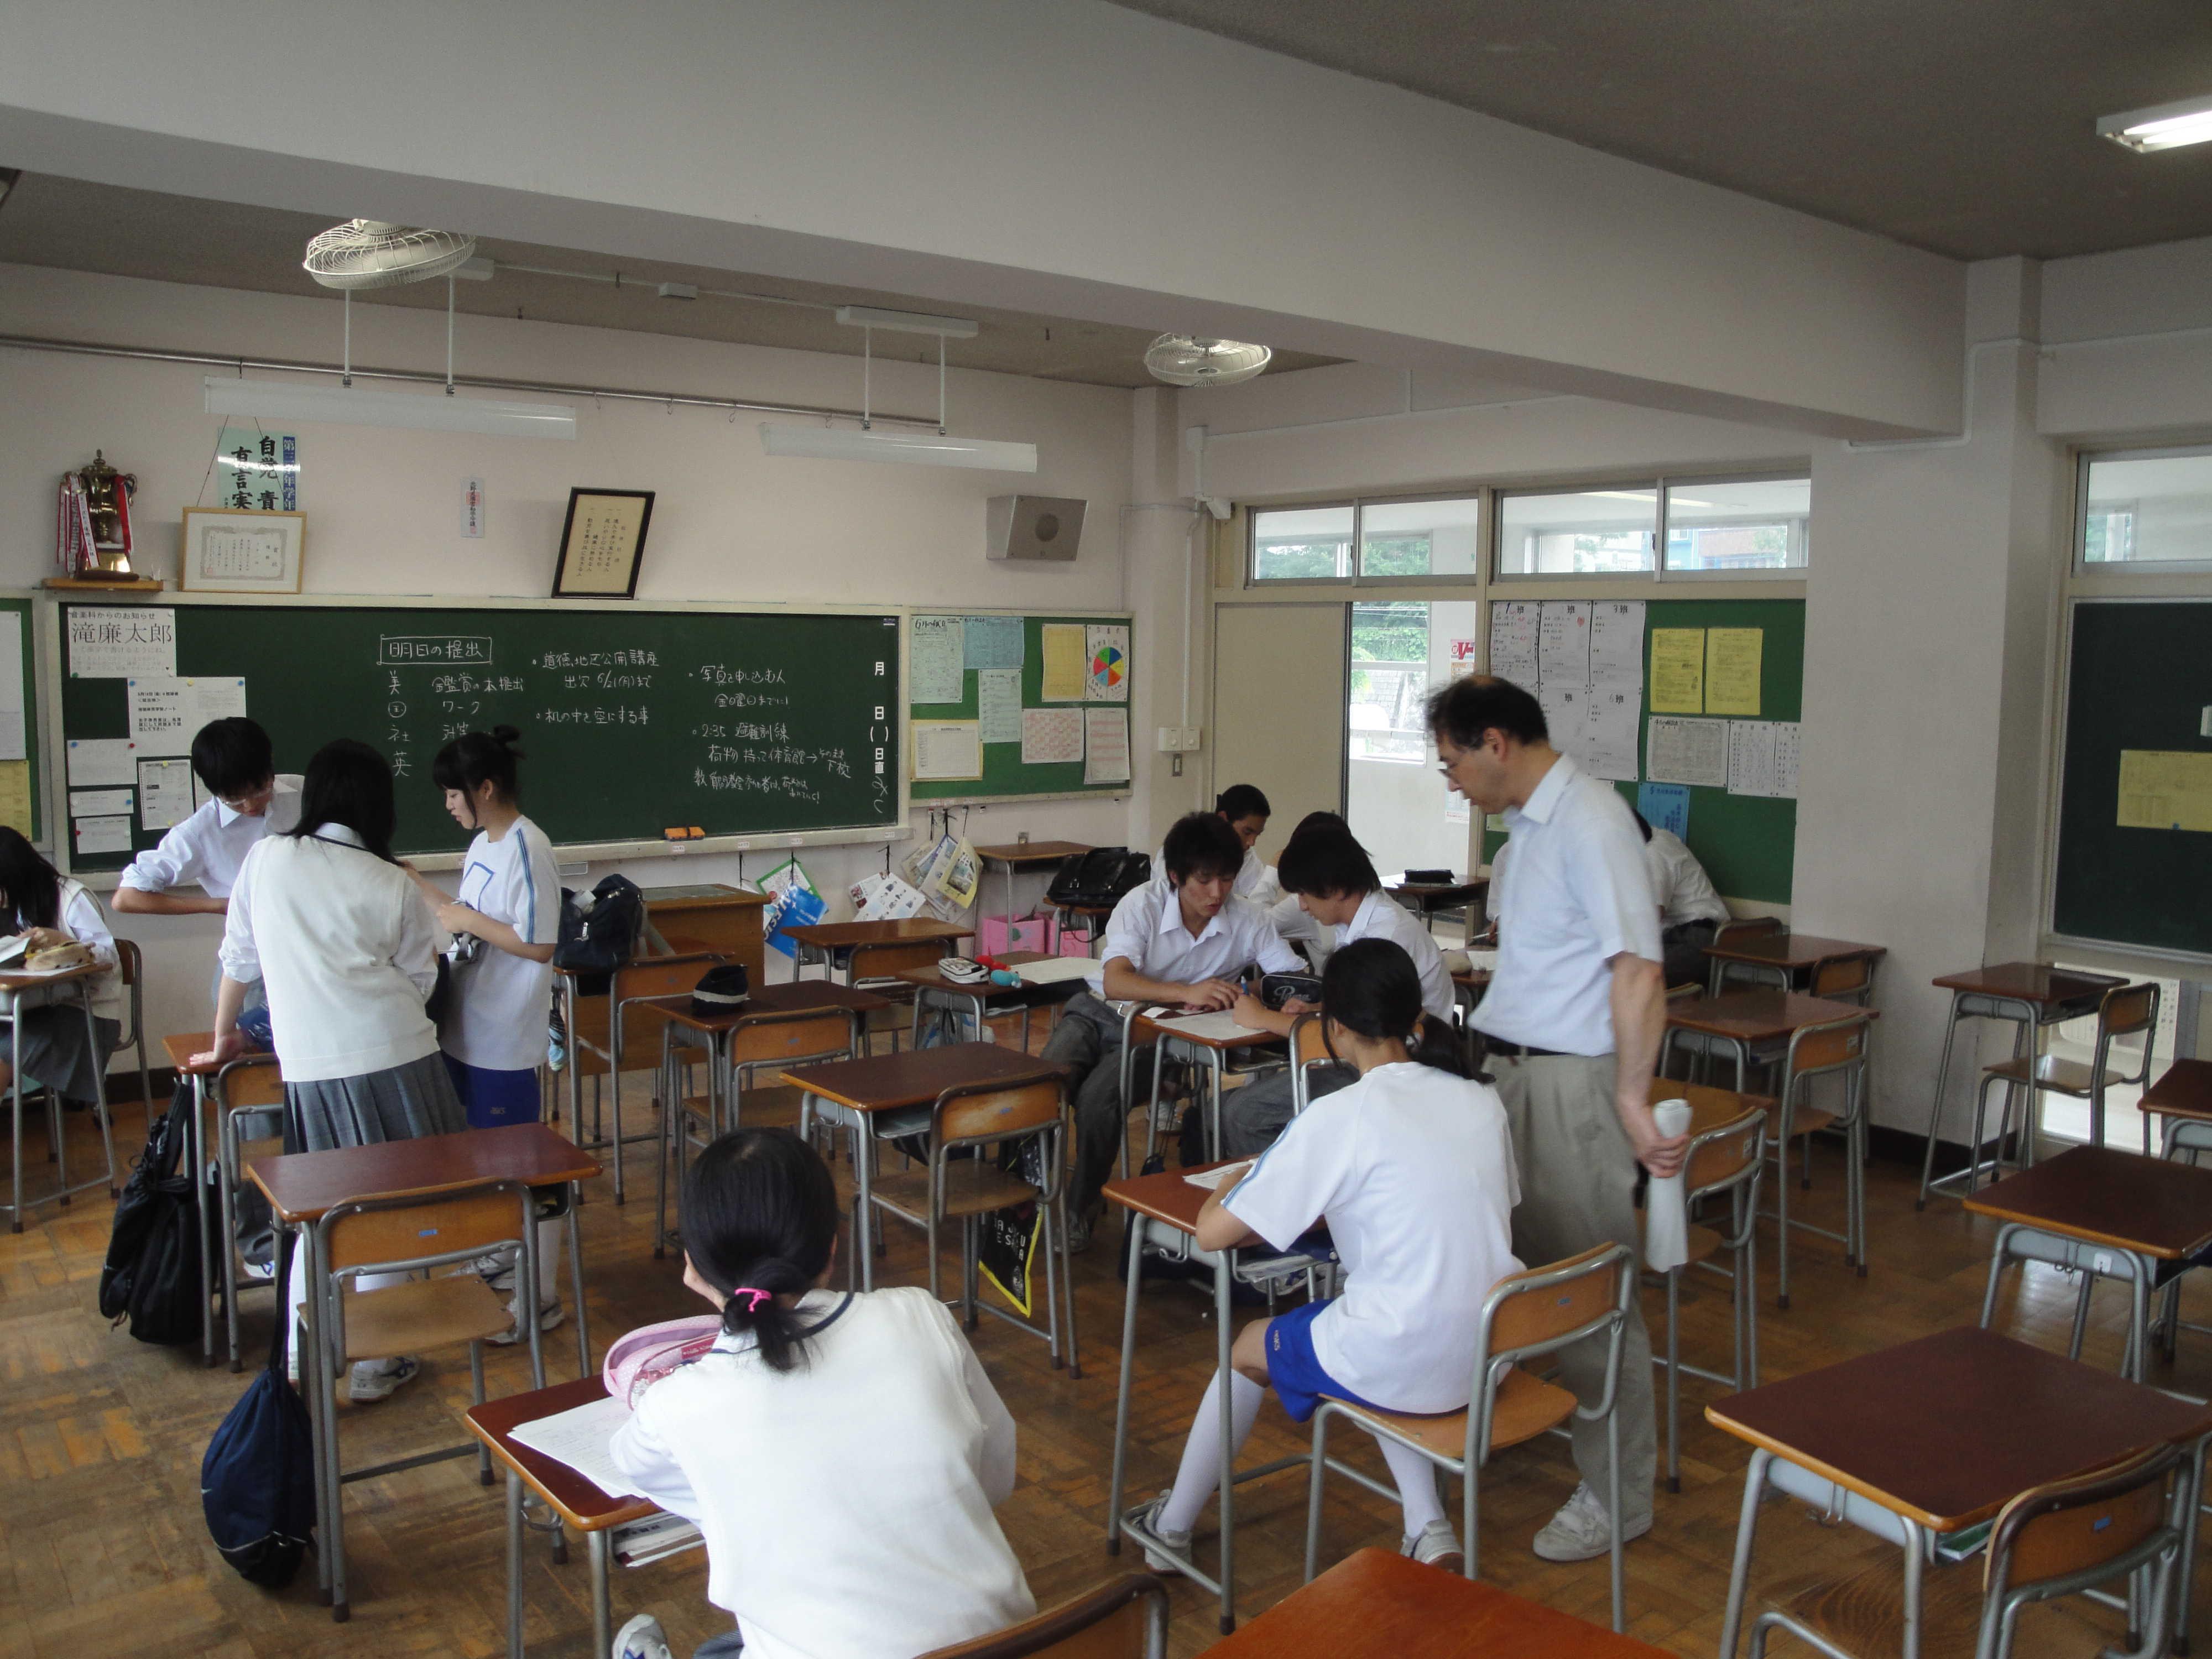 ... 質問教室 - 練馬区立八坂中学校 : 中学校の数学 : 中学